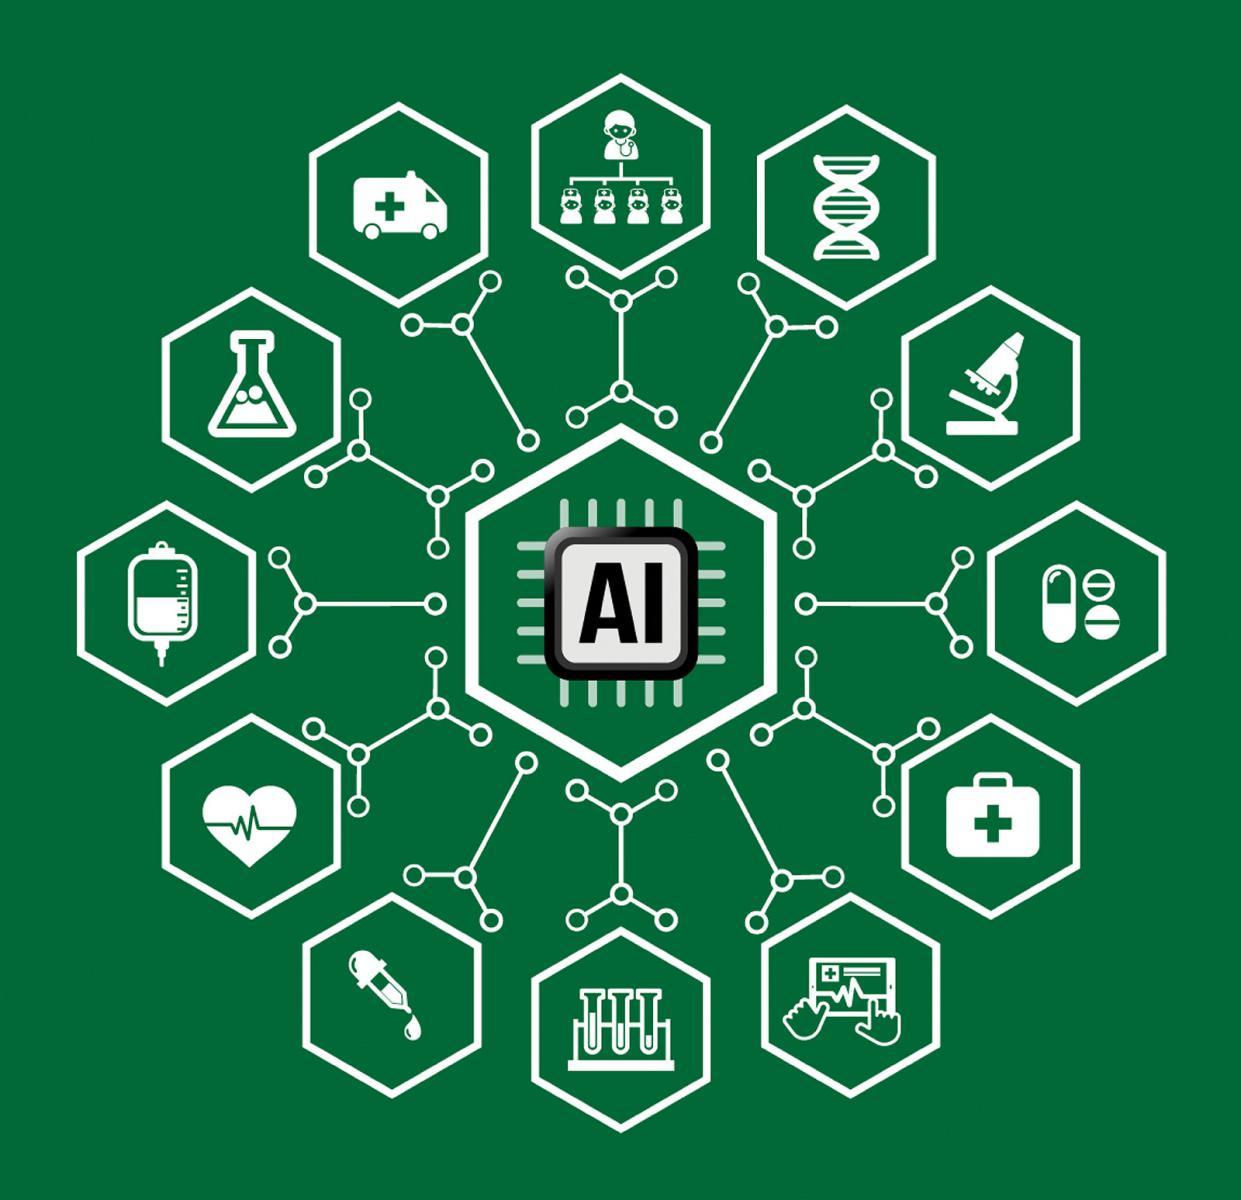 人工智能等技术的快速发展正改变着经济、企业和社会